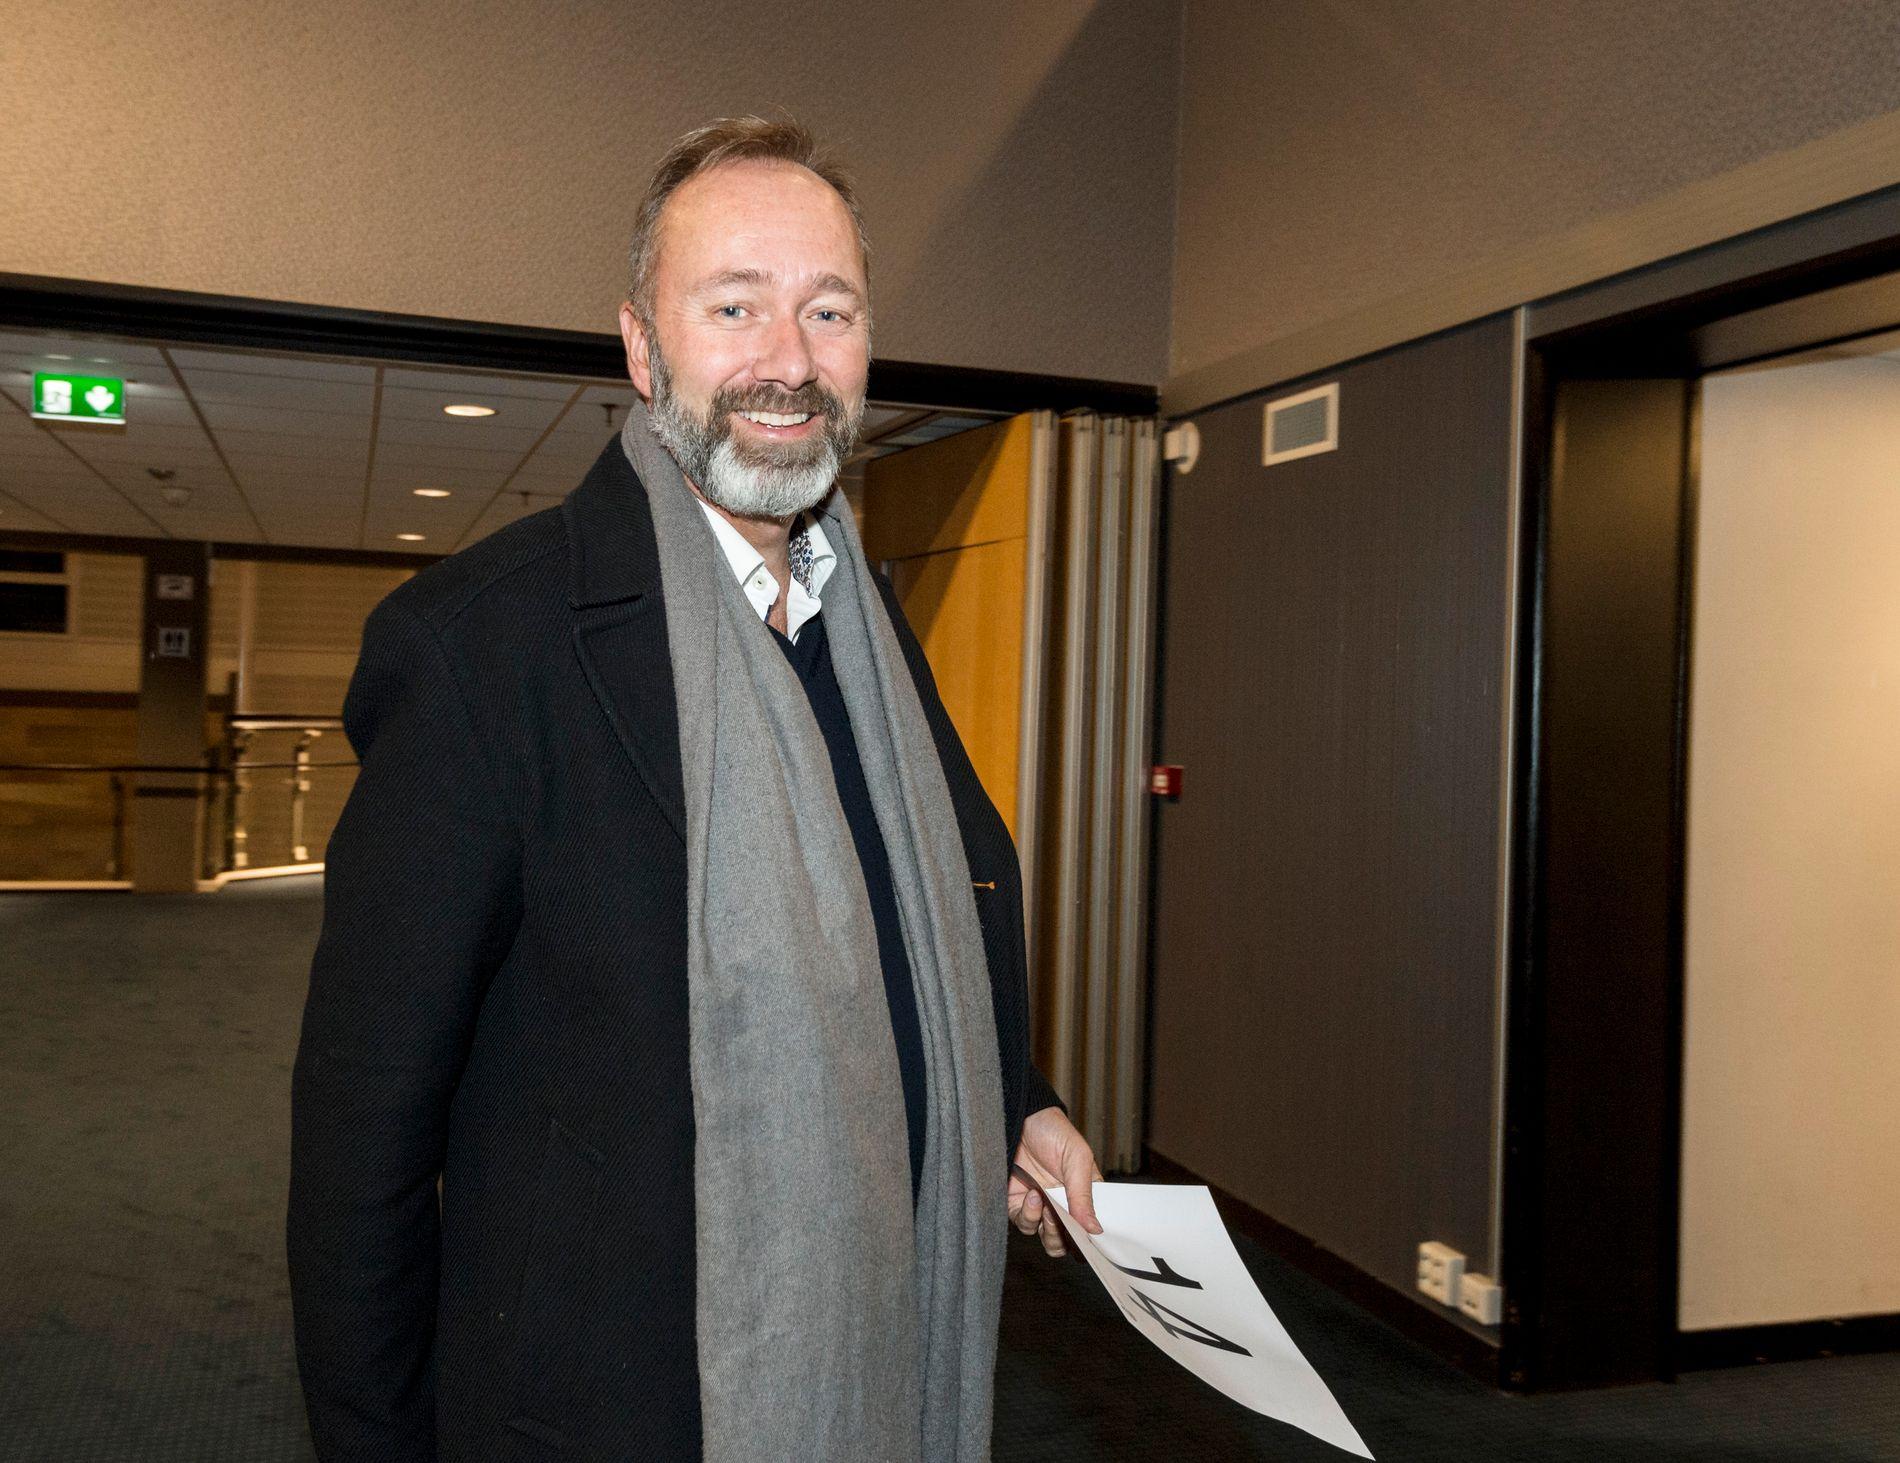 VIL INN: Ifølge VGs kilder vil Her er Giske på årsmøtet i Trondheim Arbeiderparti 8. februar.